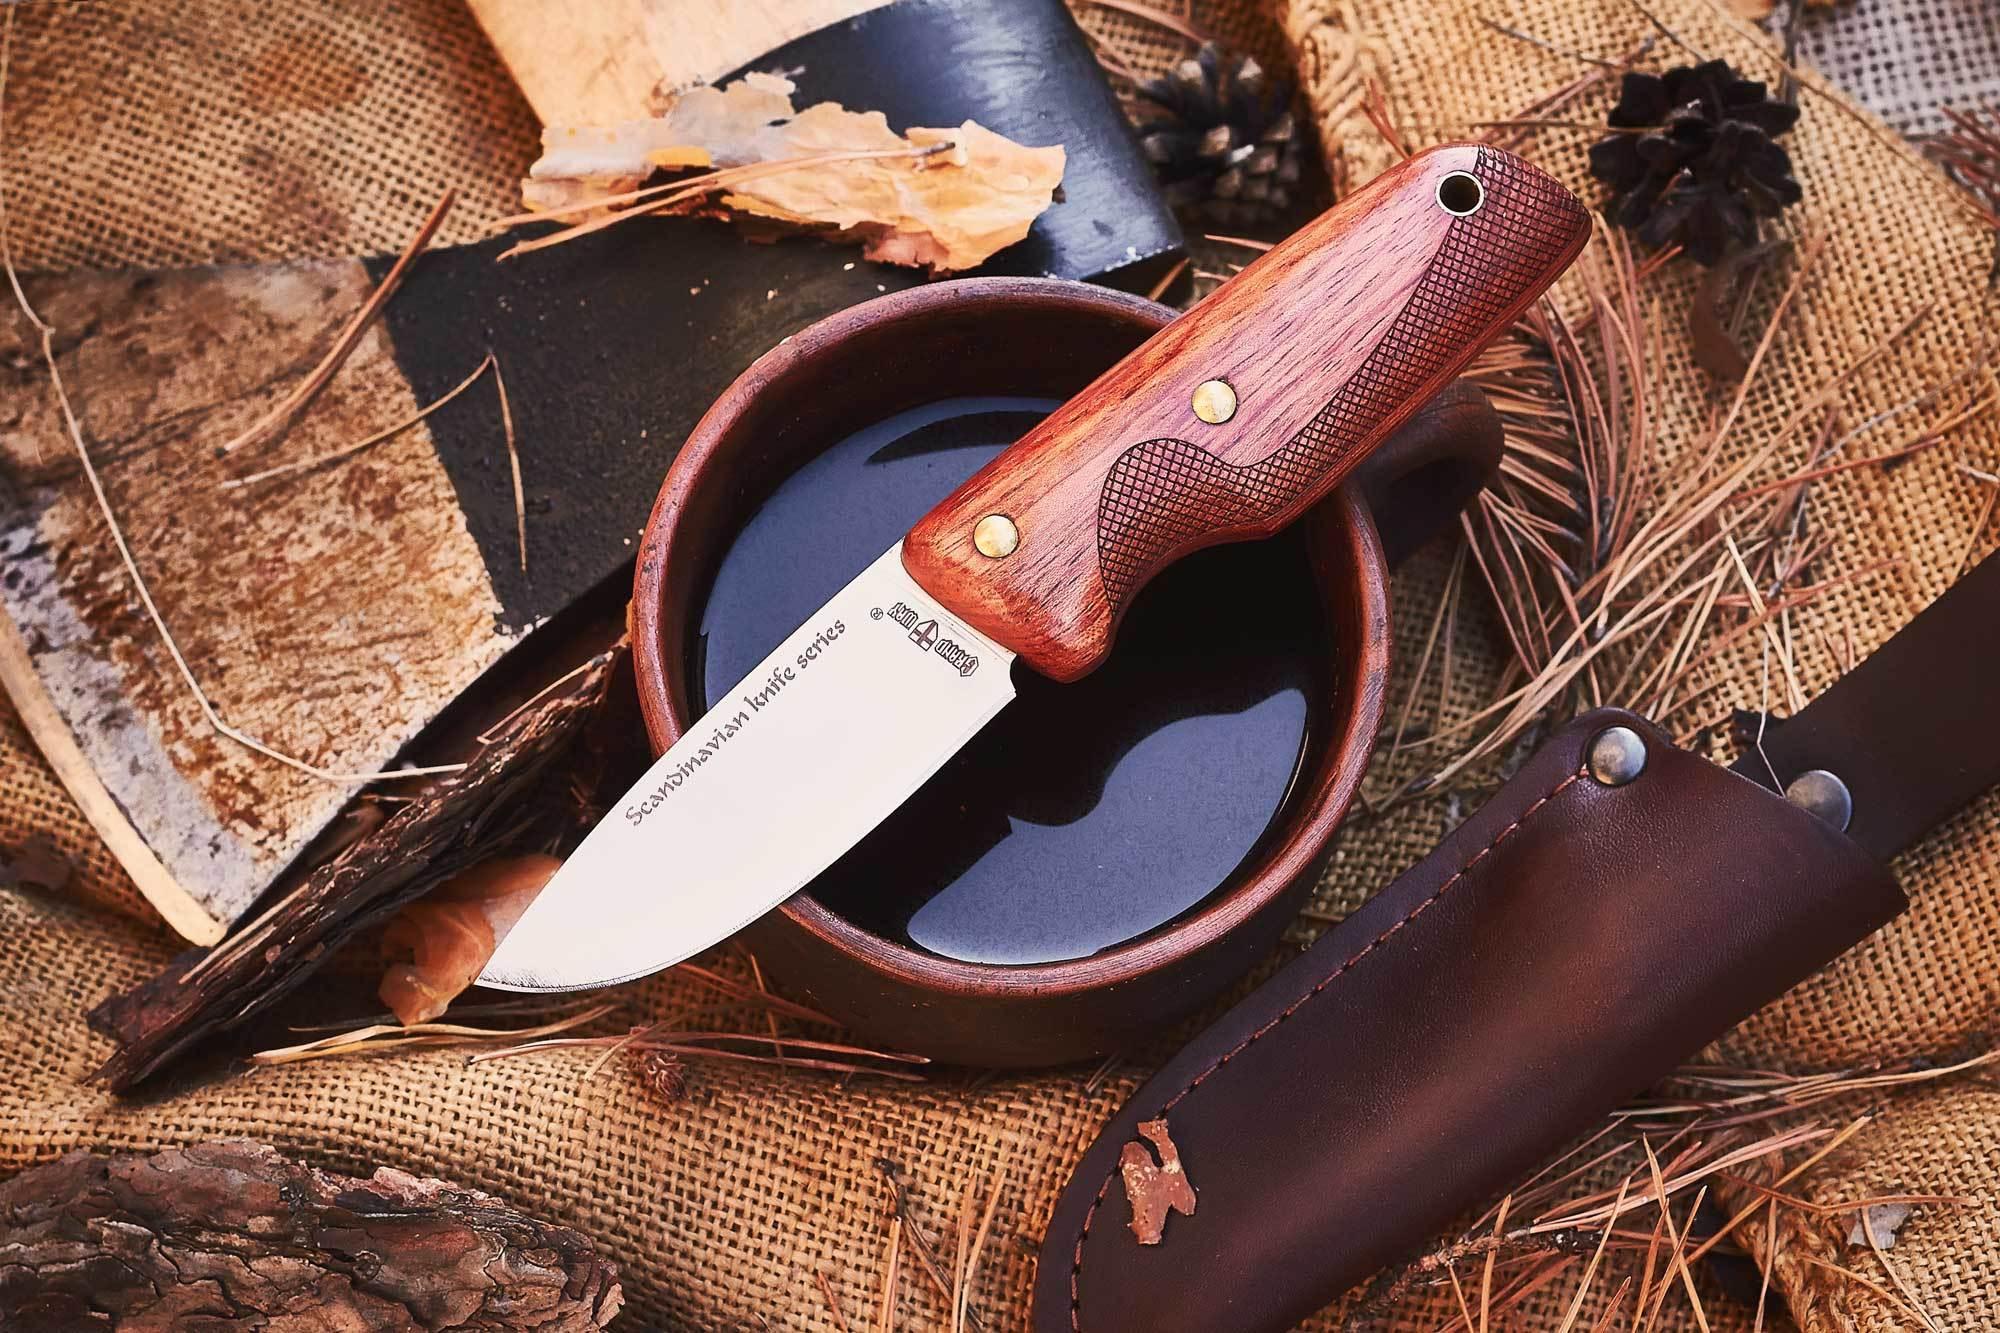 ТОП 10 ножей для лета с деревянной рукояткой